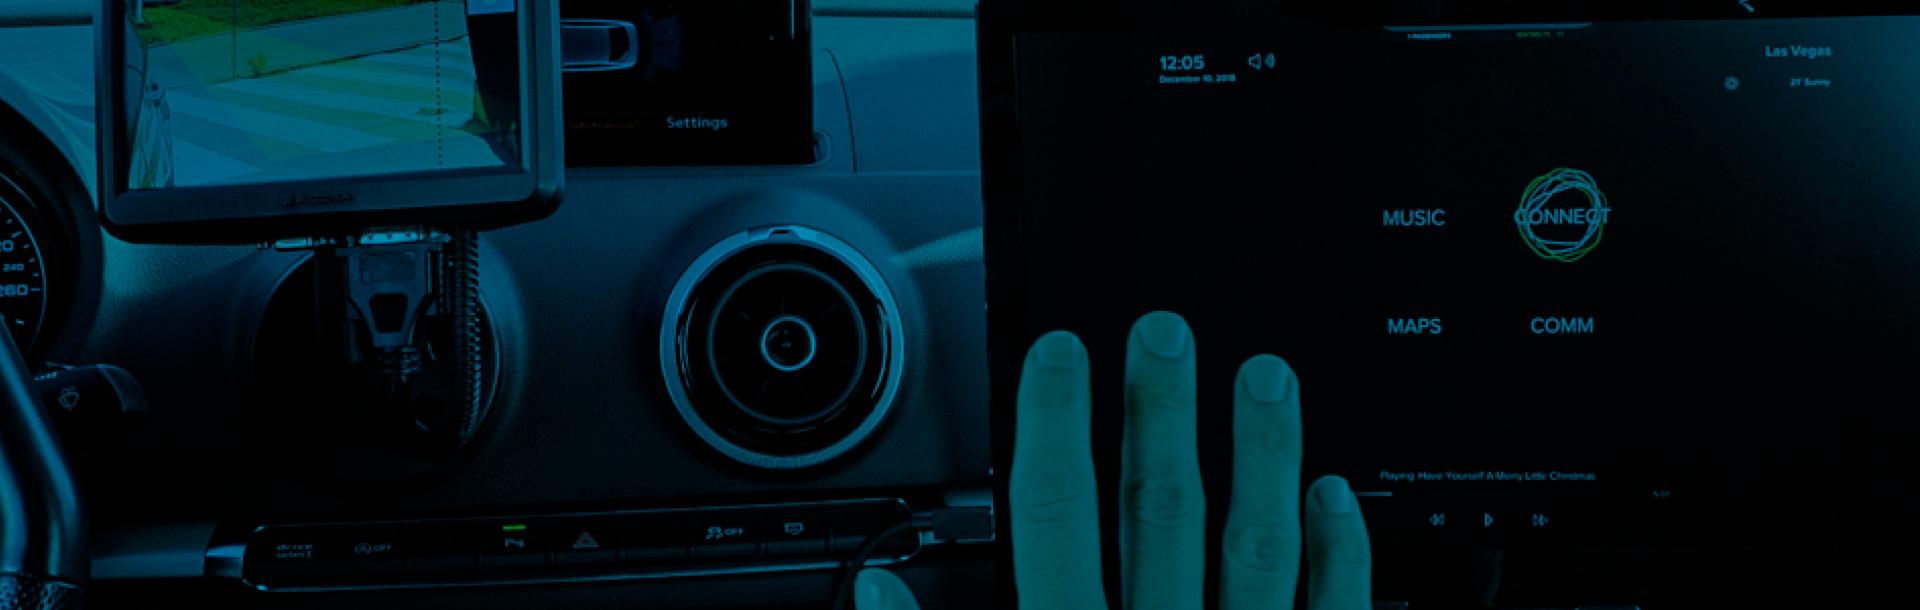 Startup Radar  (Autonomos Car)